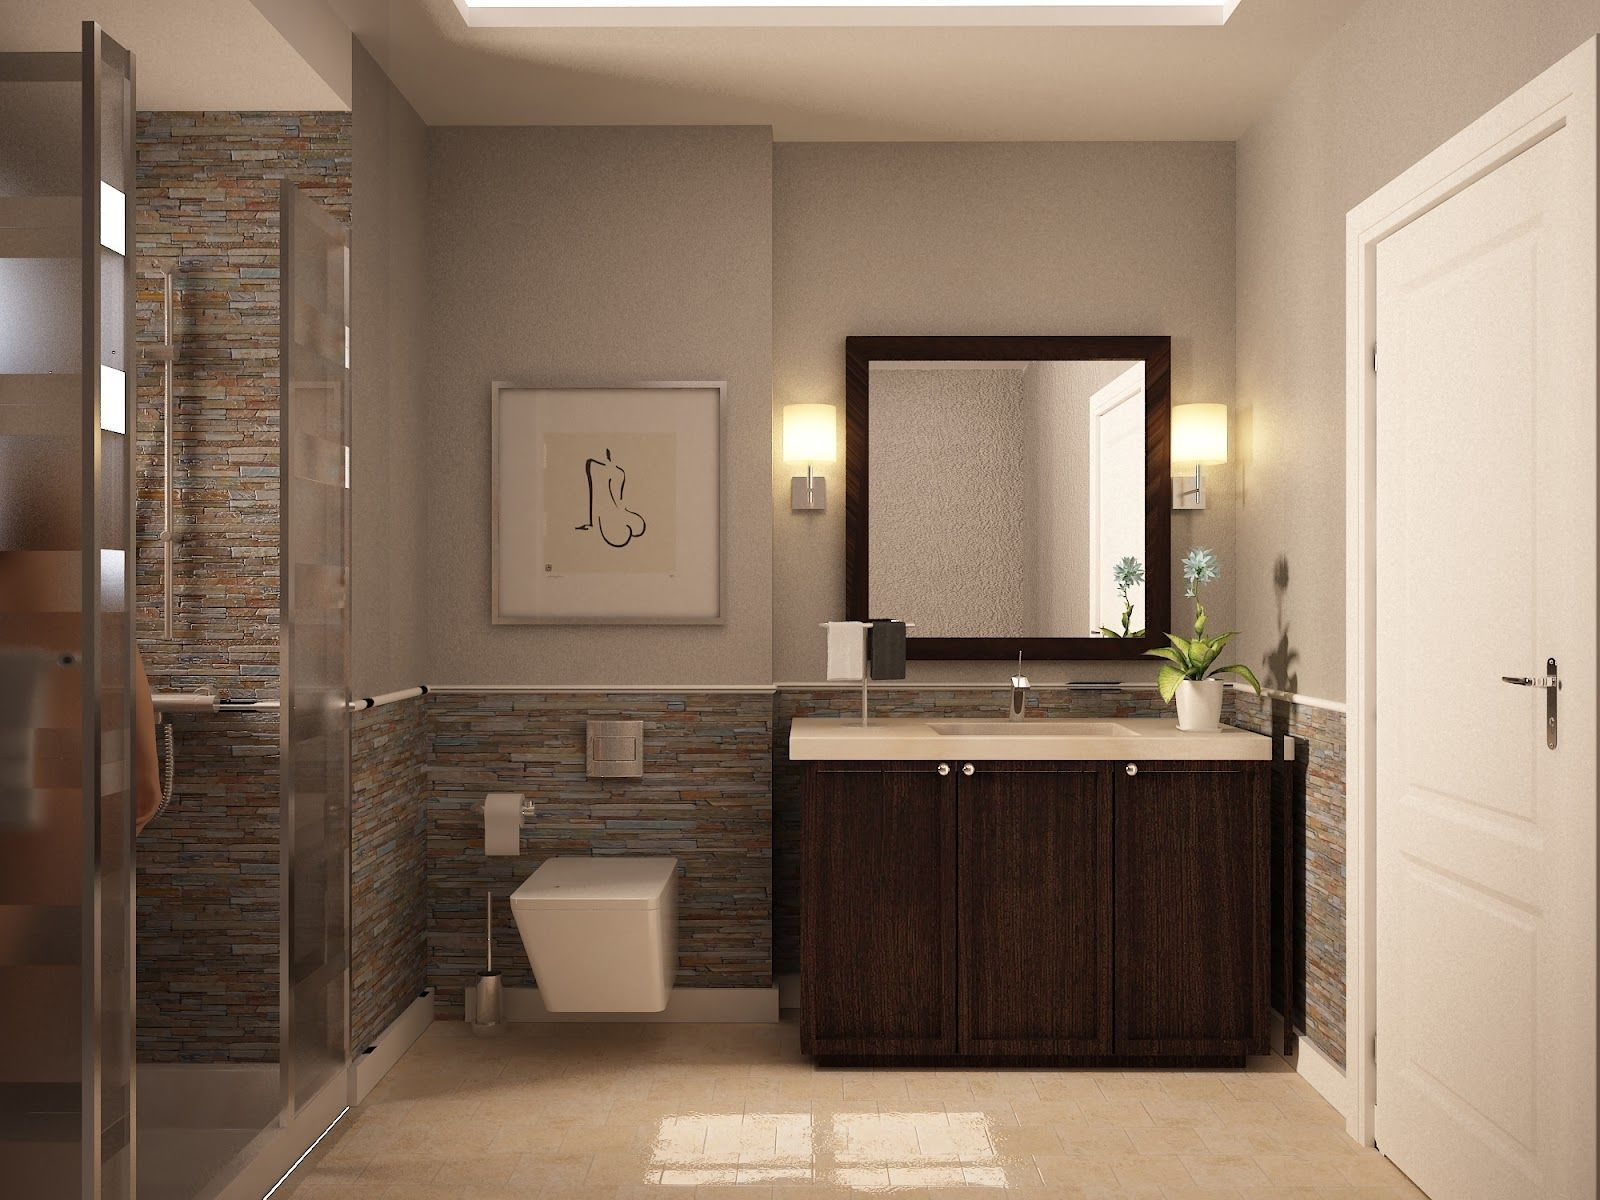 Bathroom Tile Color Combinations Badkamer Ontwerpen Kleine Verf Kleuren